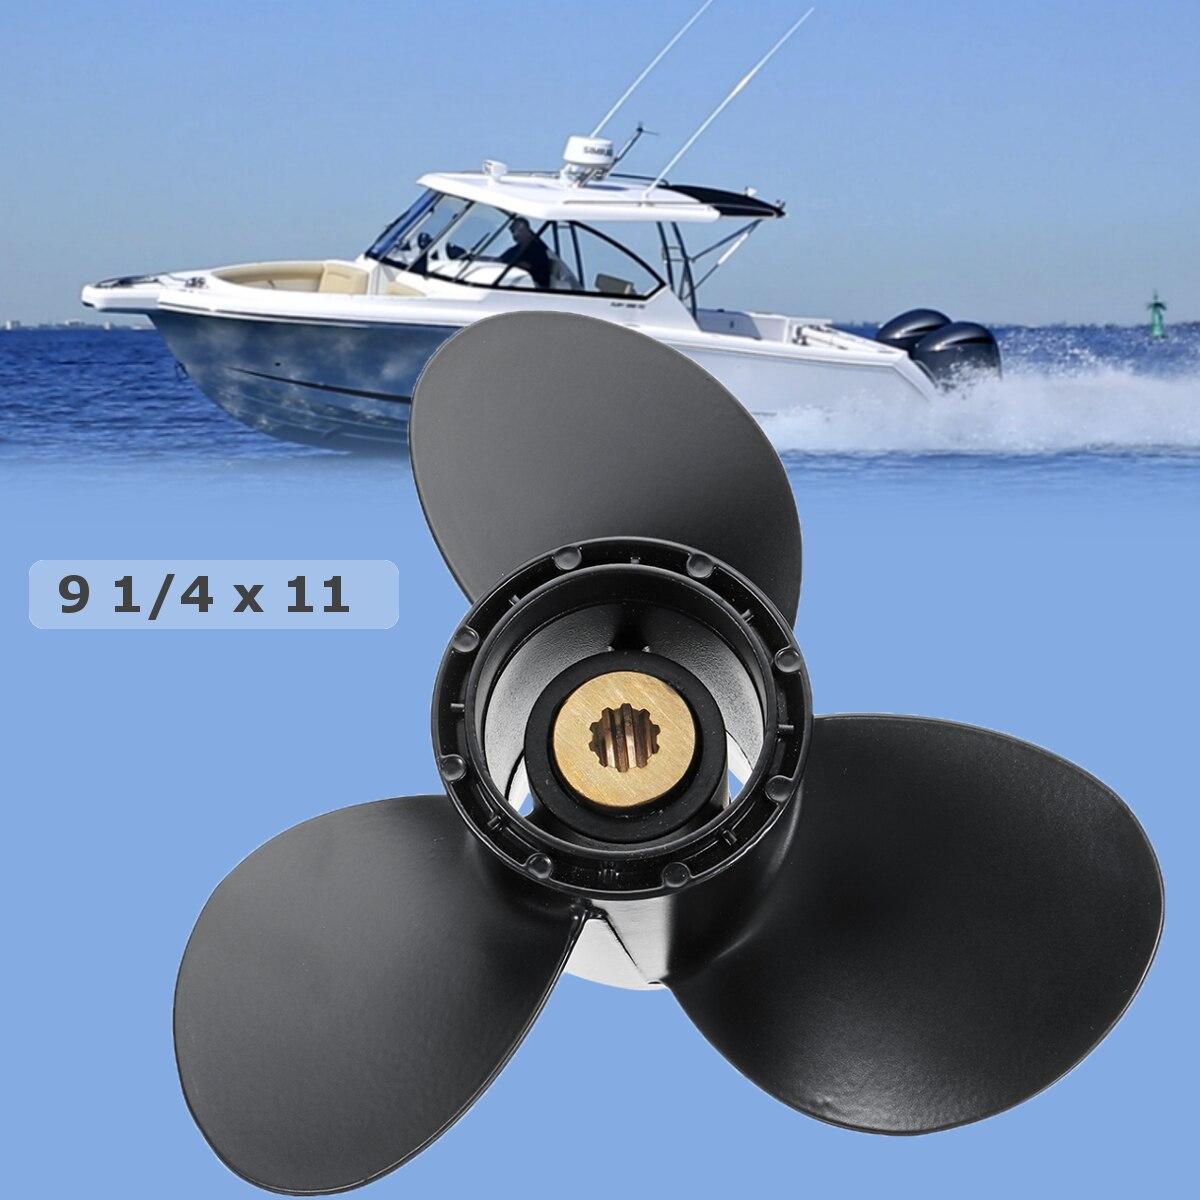 Audew 58100-93743-019 9 наружный Винт x 11 лодка 9,9 для Suzuki 1/4-15HP алюминиевый сплав 3 лезвия 10 Spline Tooths черный